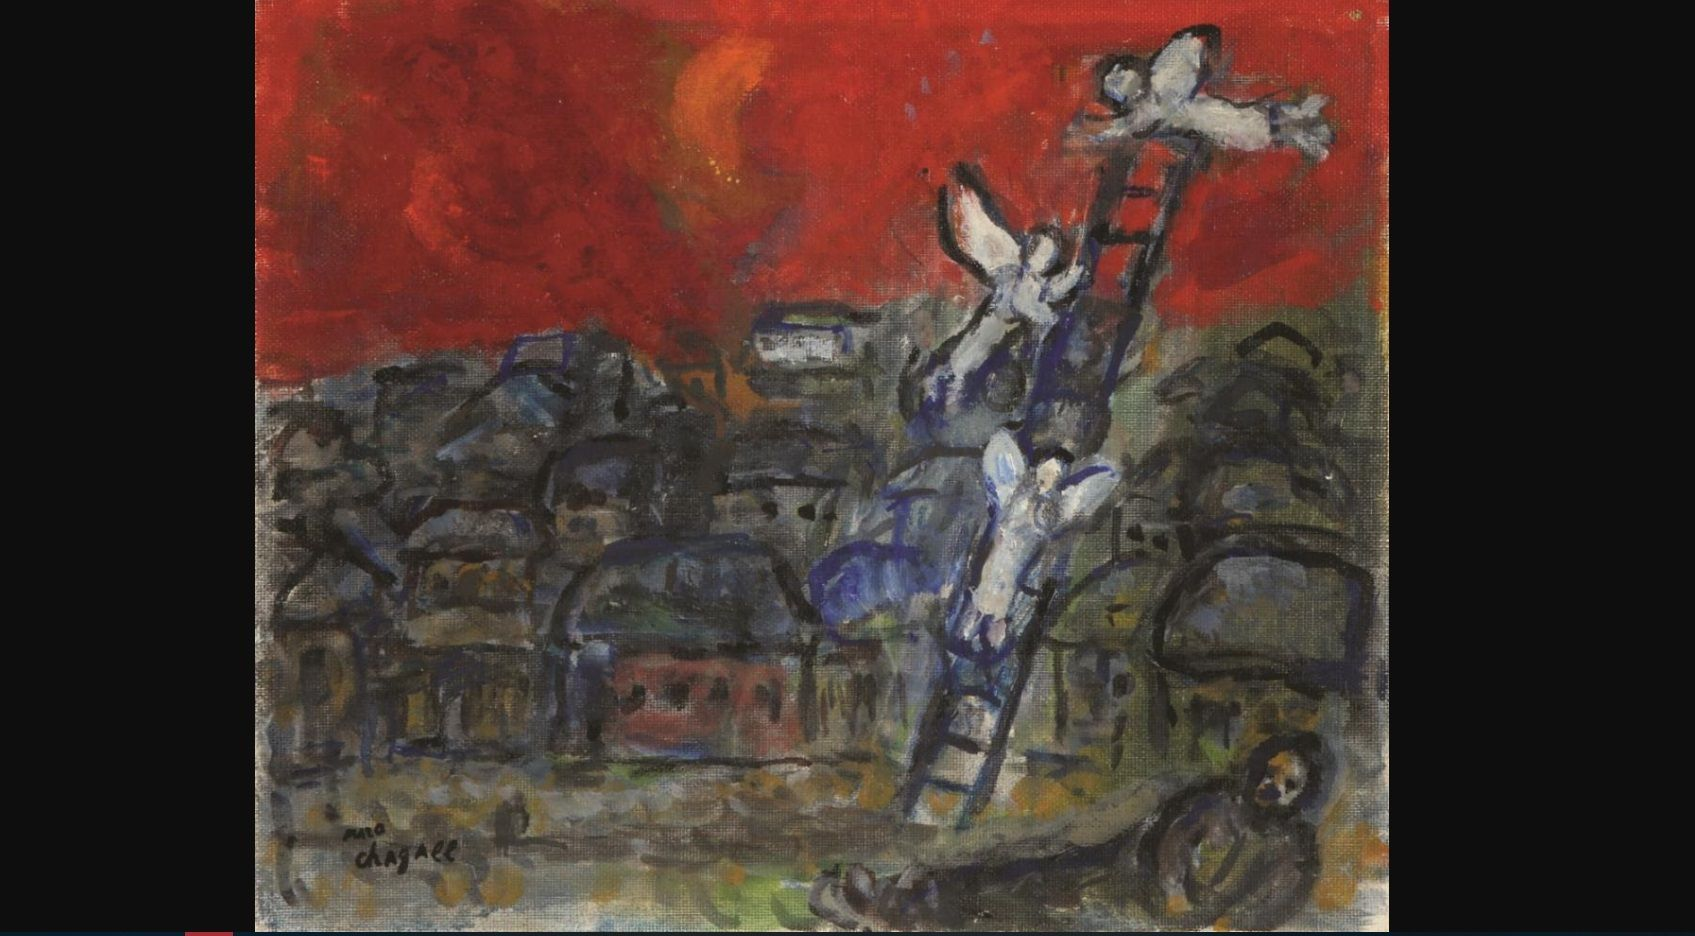 СМИ: в Израиле продадут на торгах украденную в 1996 году и найденную в 2015 картину Шагала